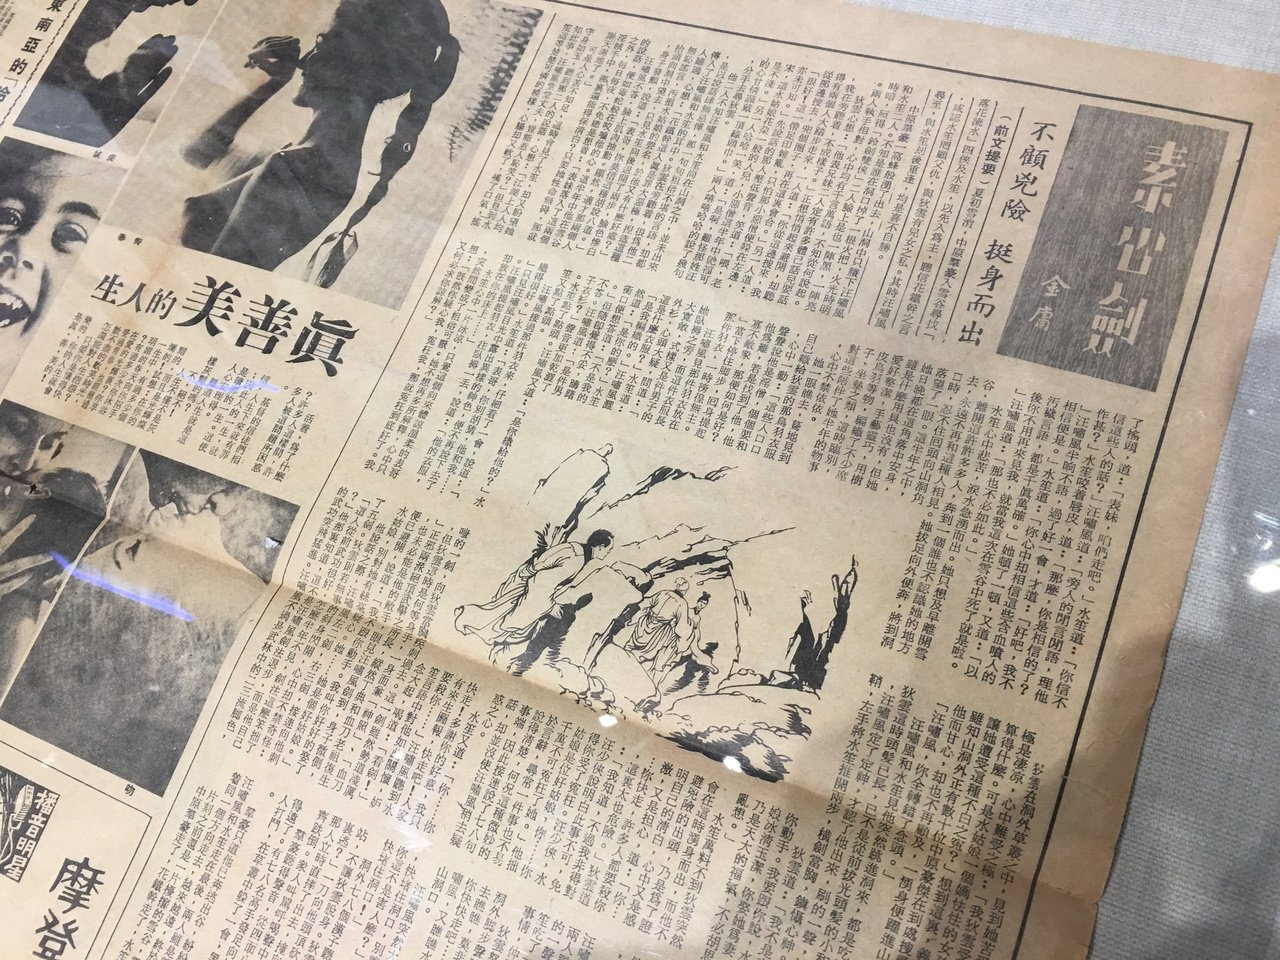 全球首次金庸大型特展,展出金庸珍貴稿件。 記者魏莨伊/攝影